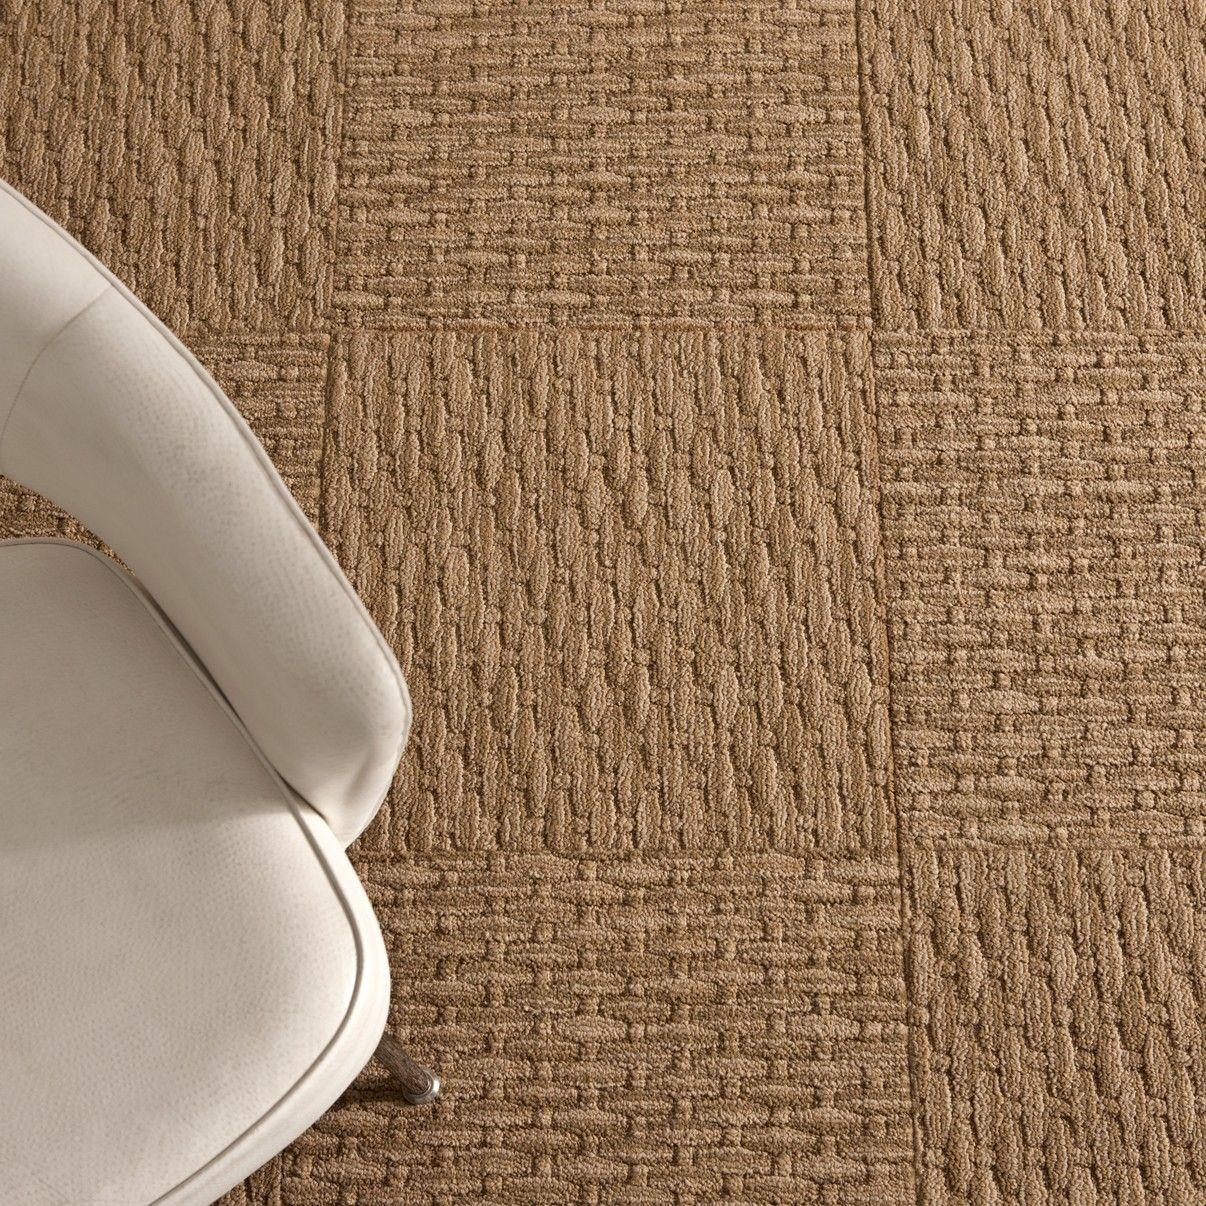 die besten 25 keller teppich ideen auf pinterest teppichfarben grauer teppich und. Black Bedroom Furniture Sets. Home Design Ideas